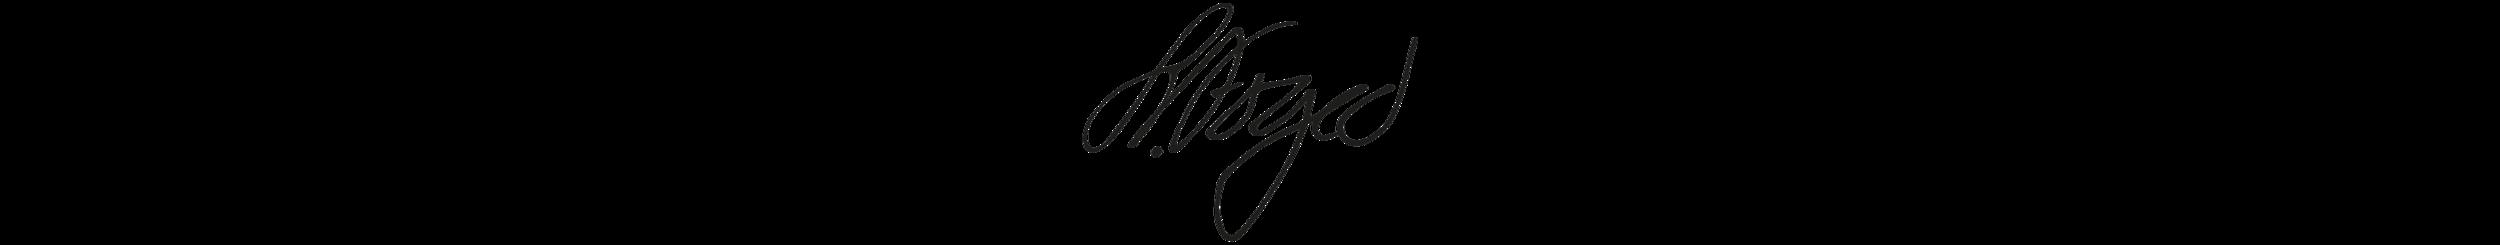 foged underskrift kopi.png